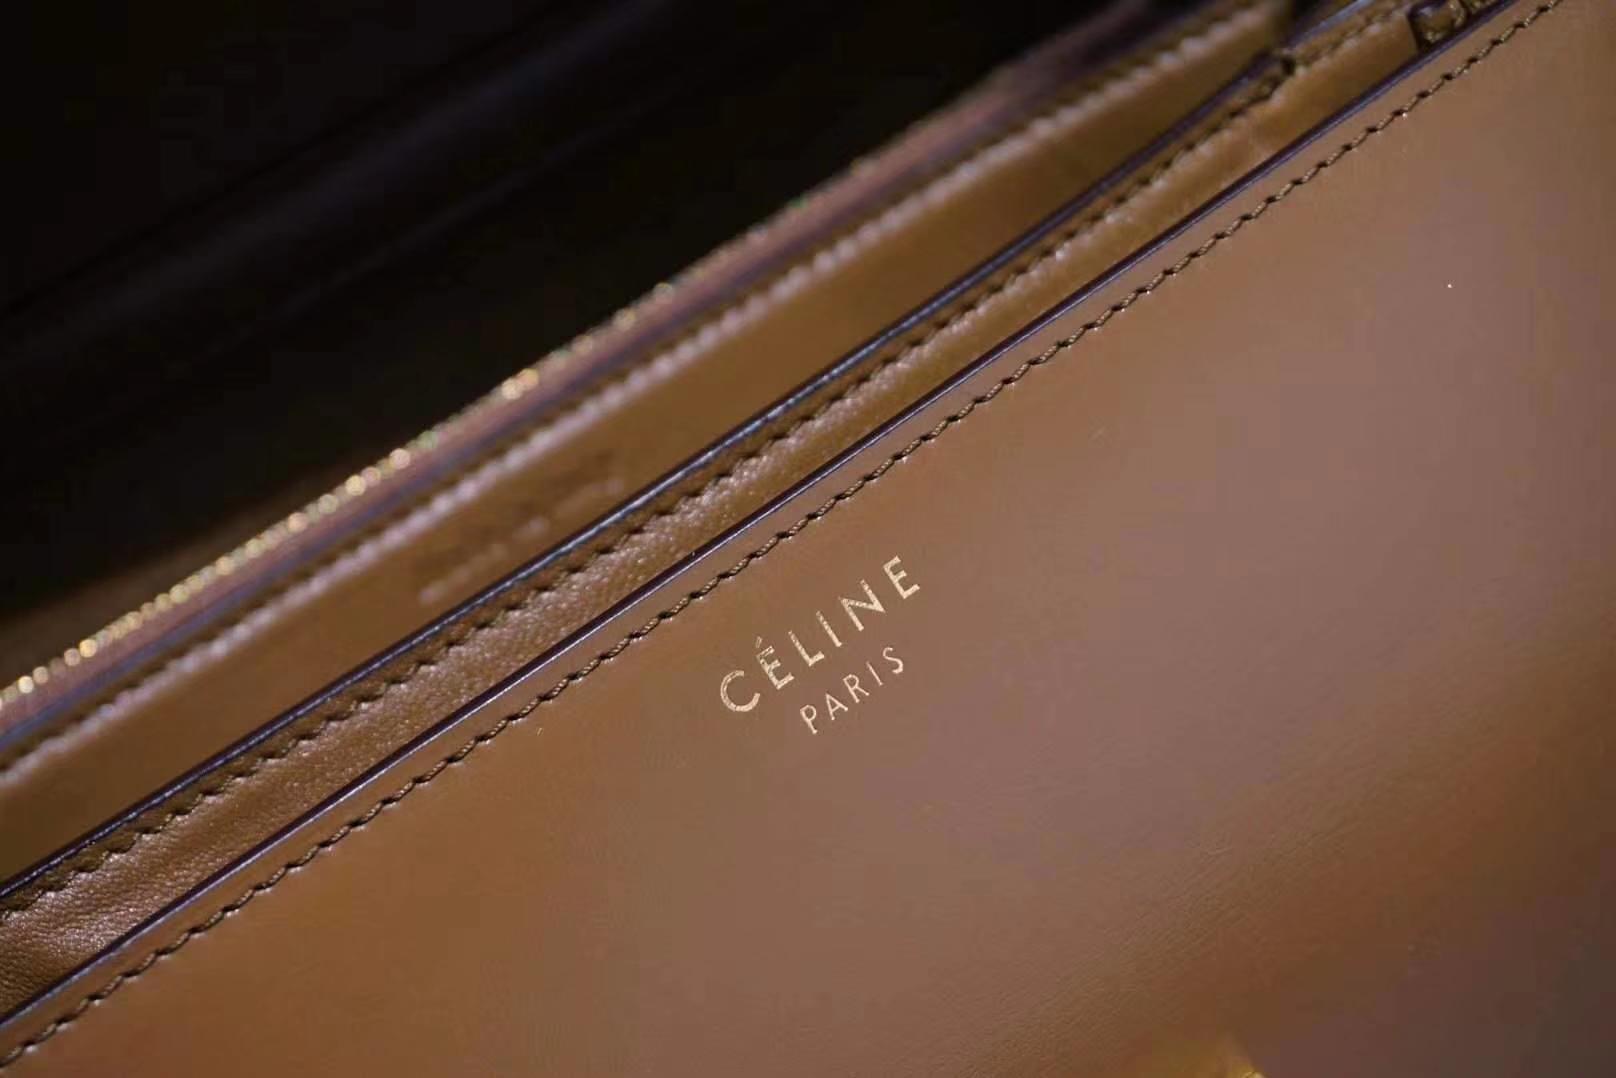 2018款专柜同步 Celine 思琳 box 焦糖色 新版本